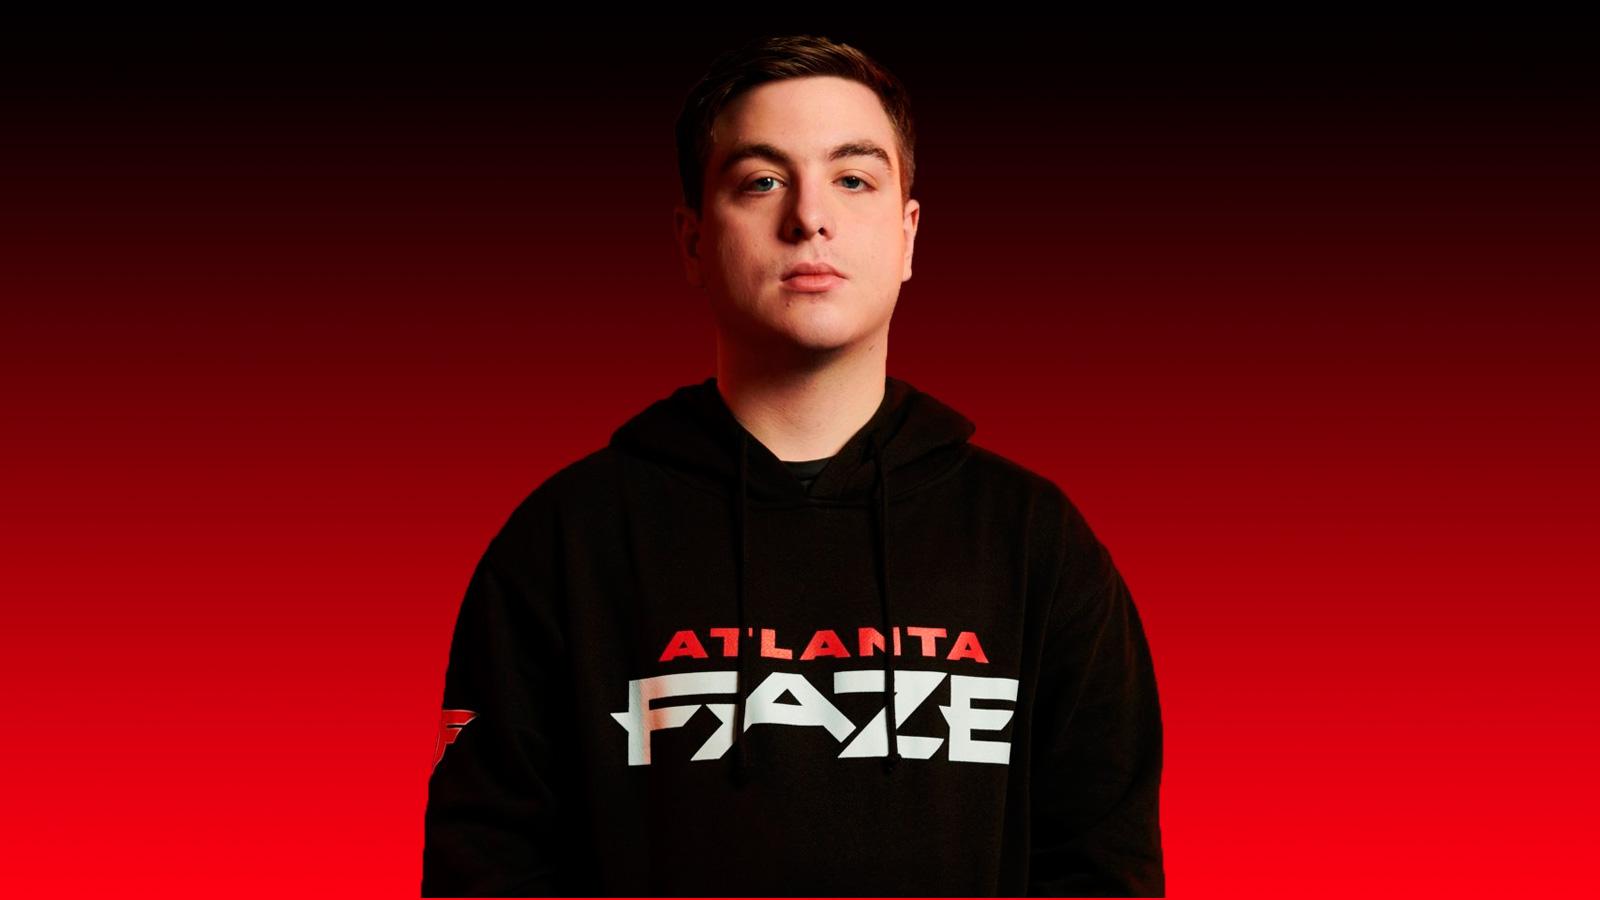 Atlanta FaZe's Simp.